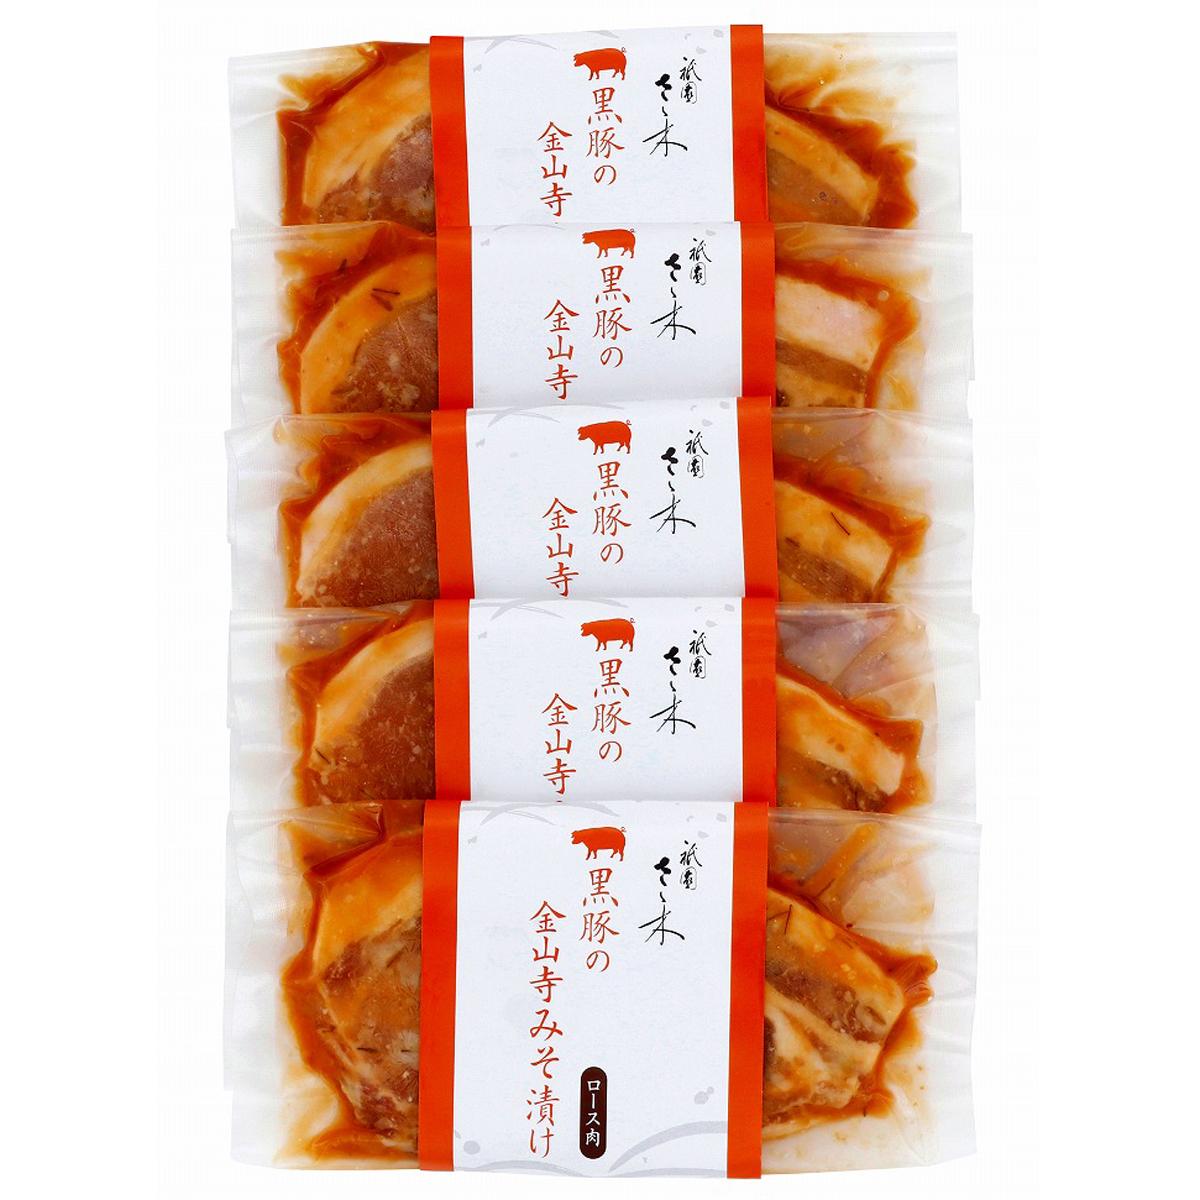 祇園さゝ木 黒豚の金山寺みそ漬け 〔100g×5〕 冷凍惣菜 九州産 豚肉味噌漬け